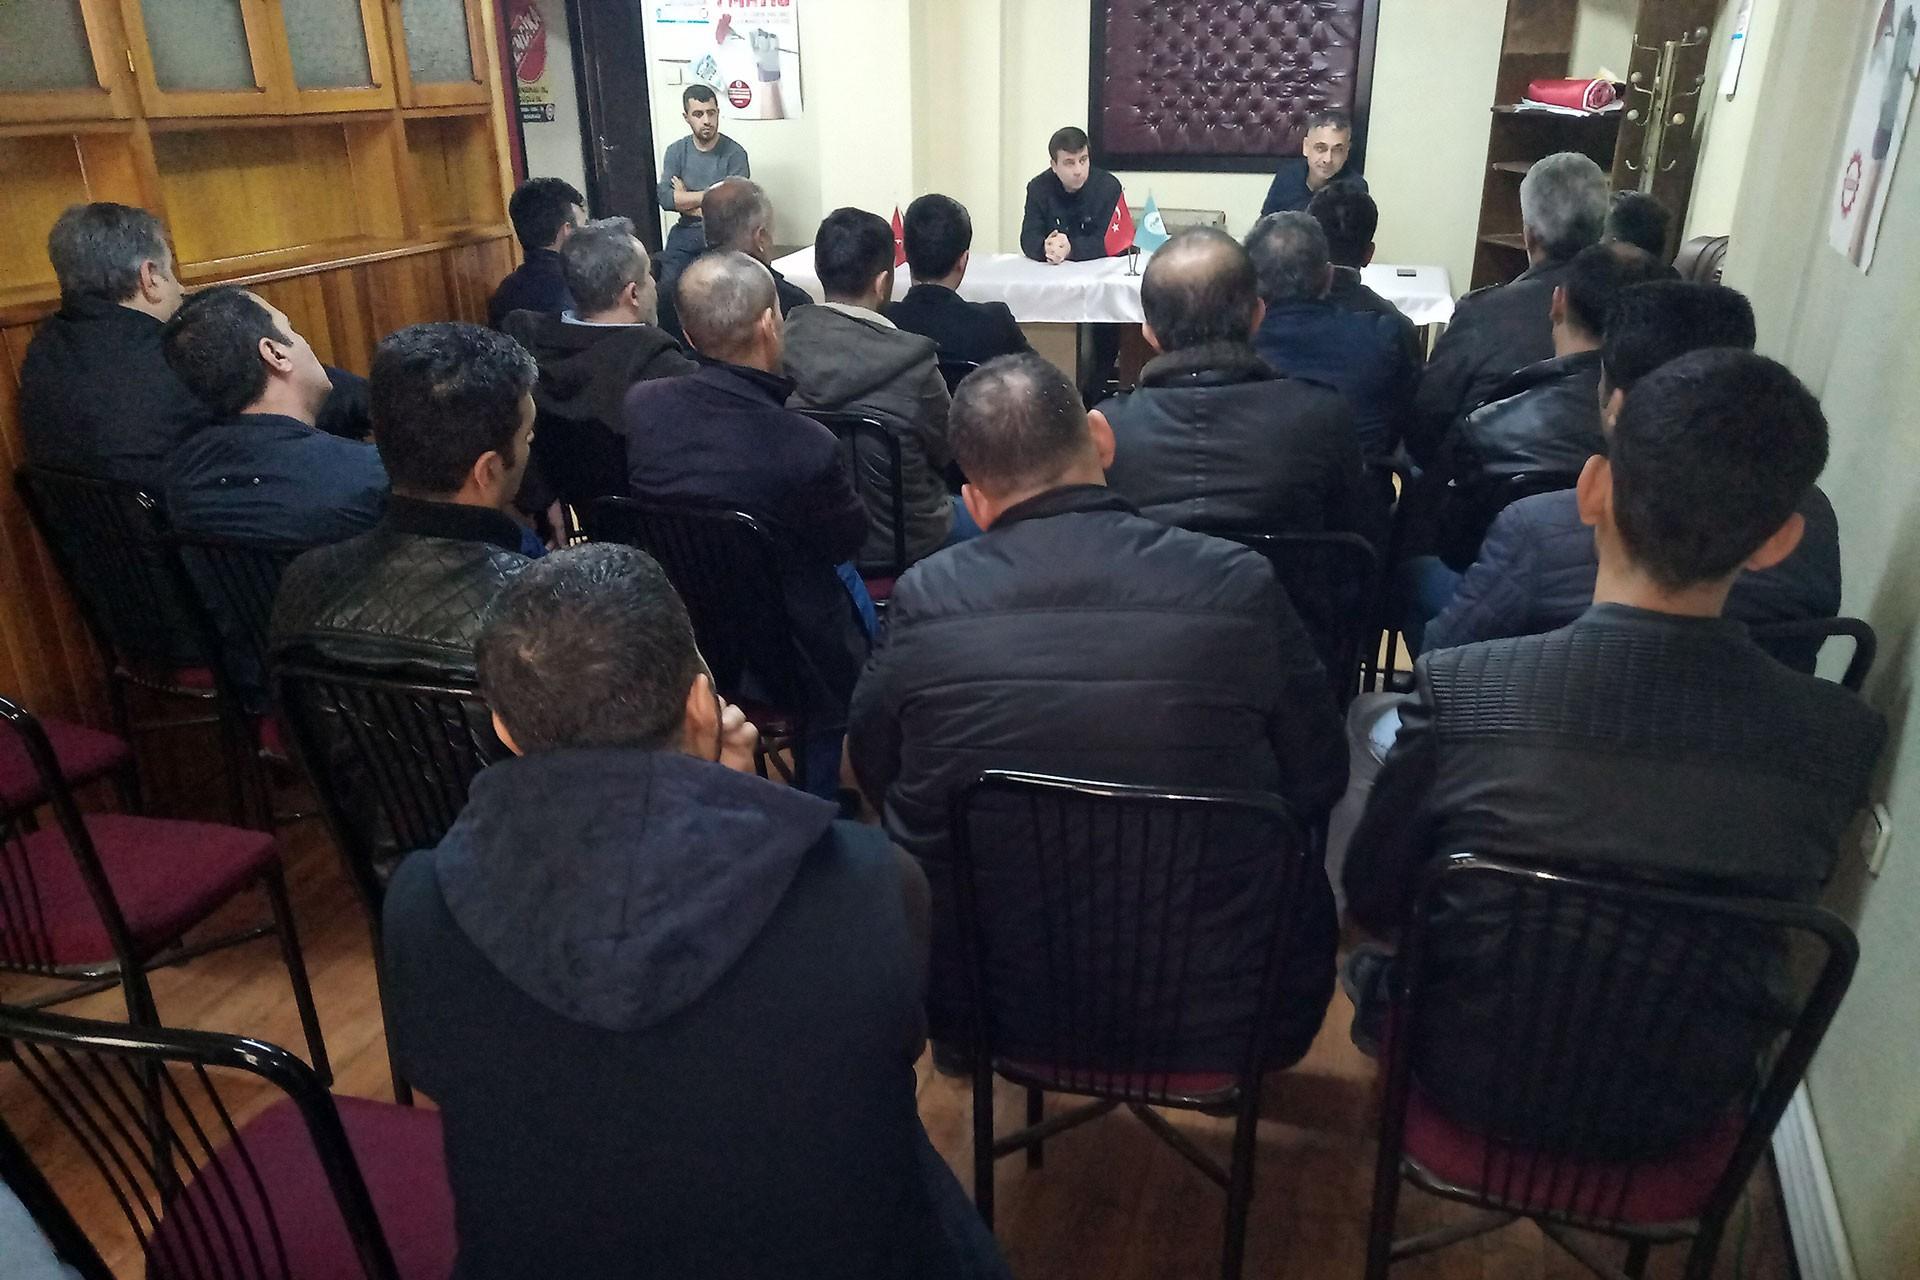 DİSK Tekstil Antep Temsilciliğinde toplanan işçiler tartışıyor.